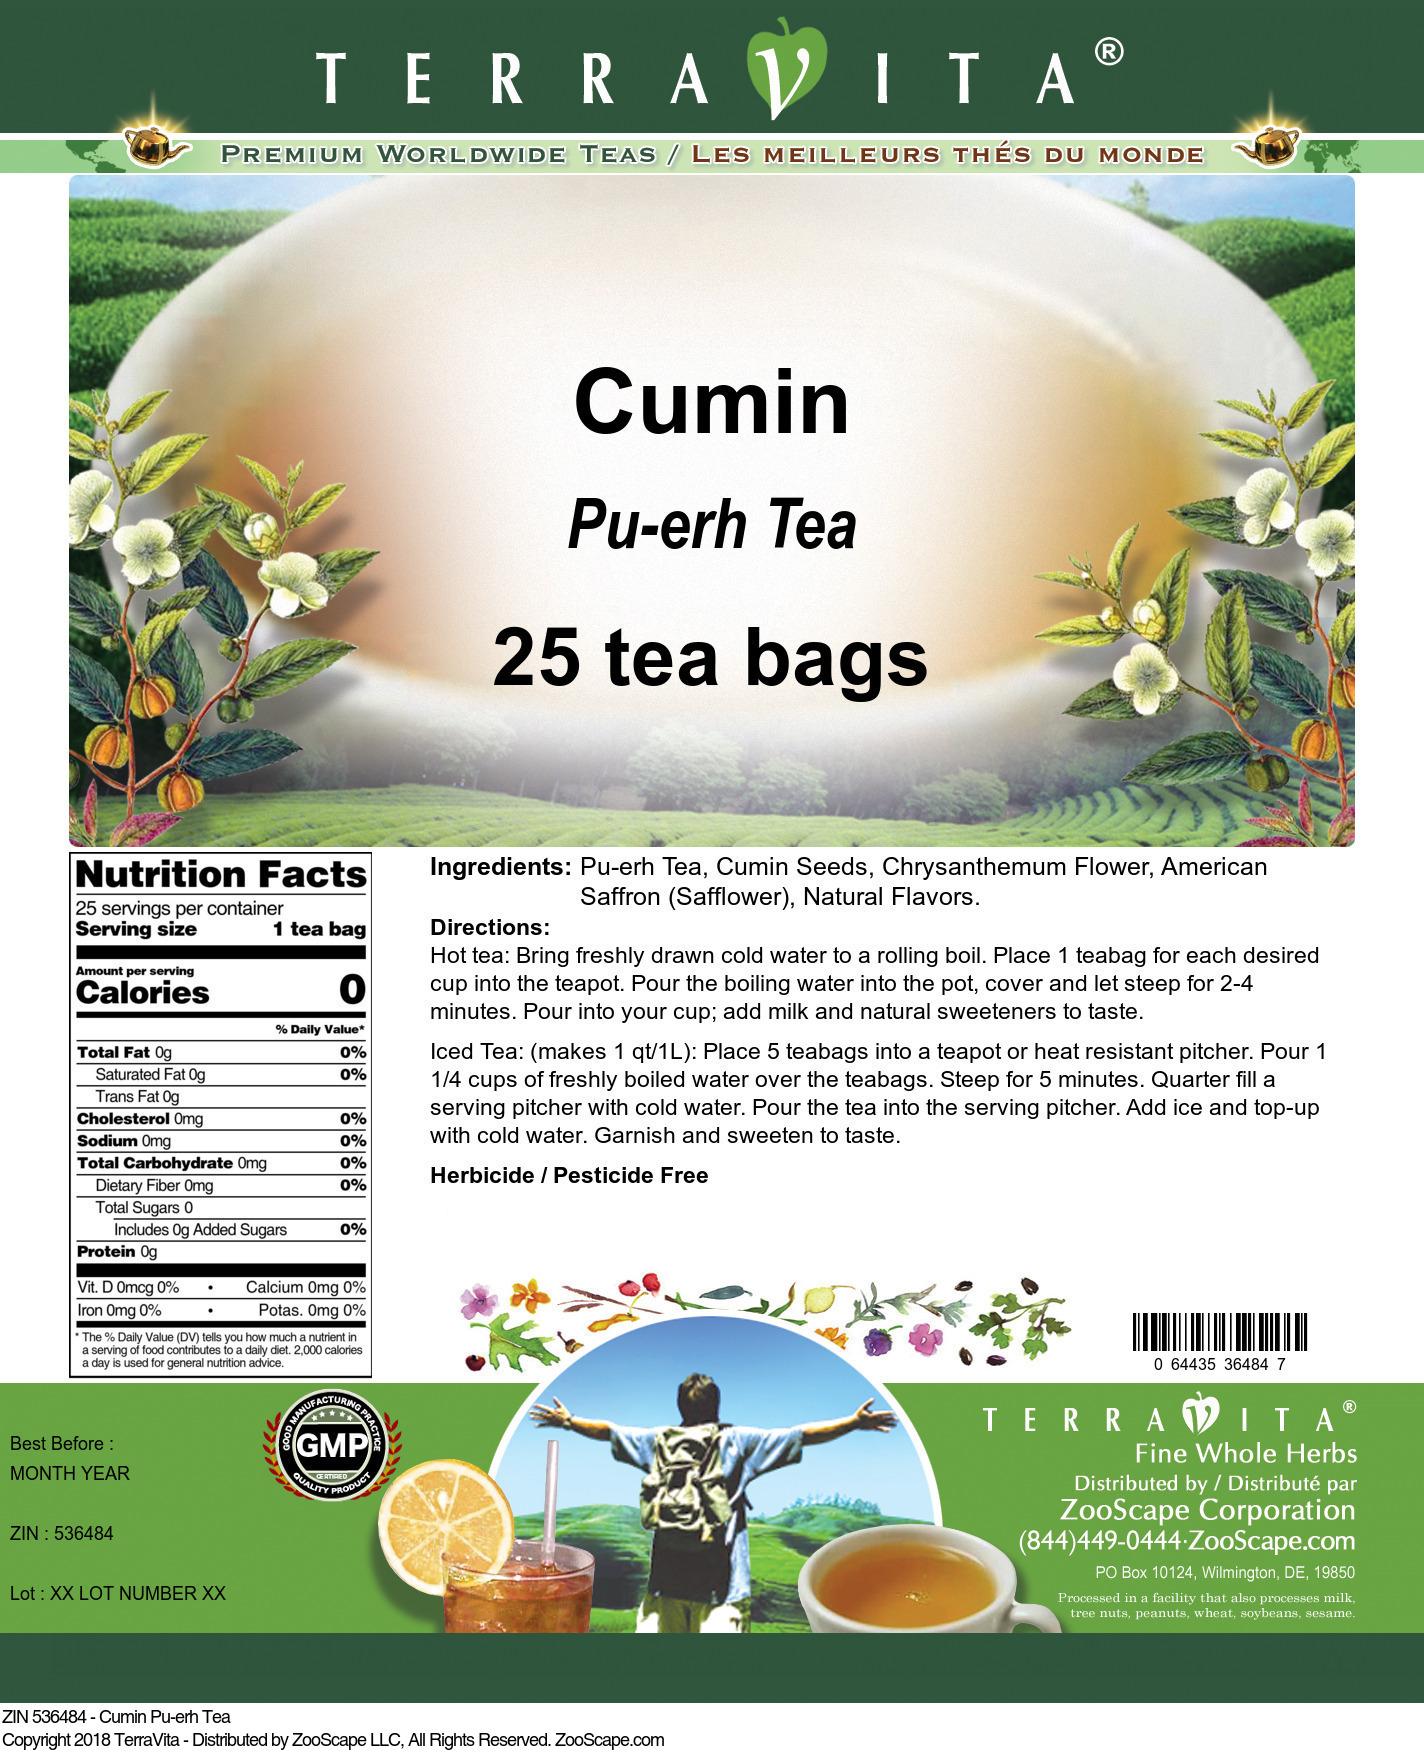 Cumin Pu-erh Tea